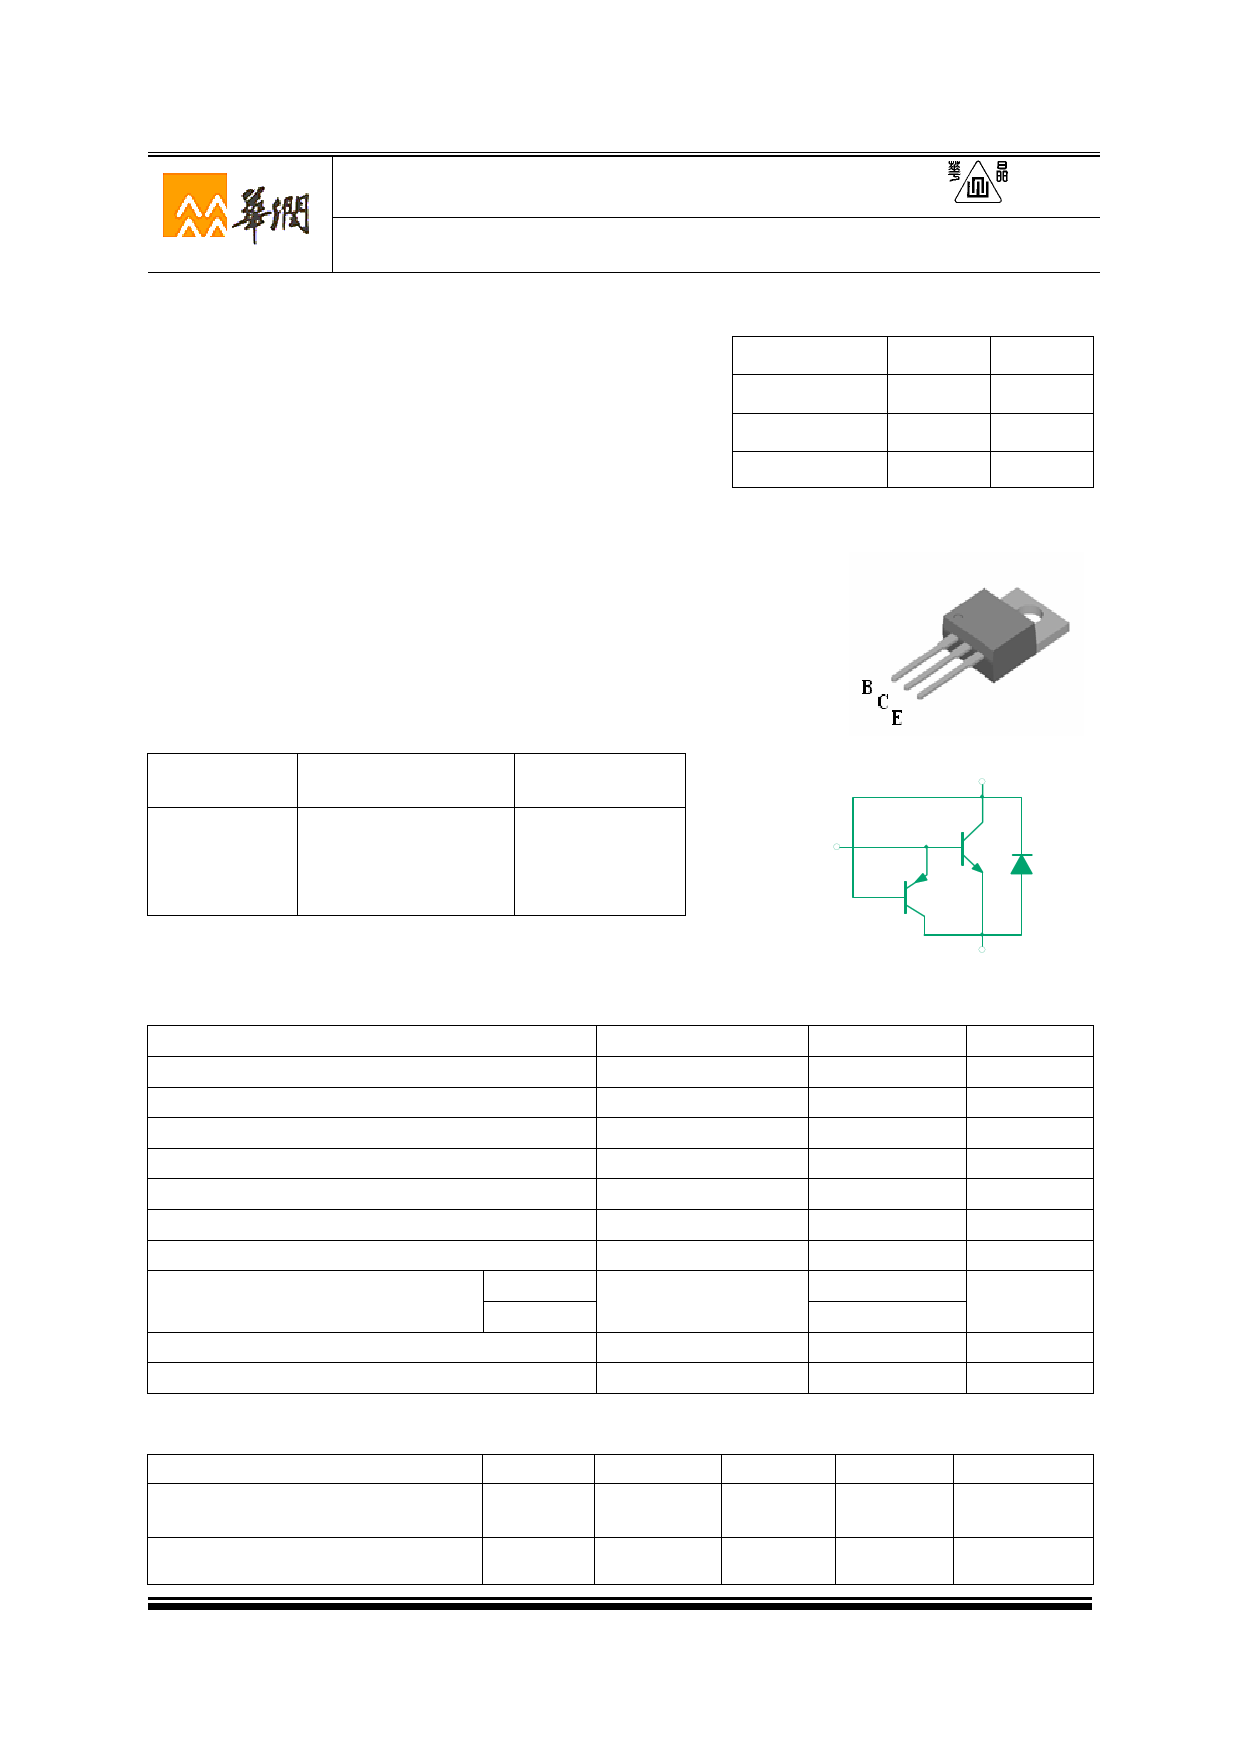 3DD13003M8D Datasheet, 3DD13003M8D PDF,ピン配置, 機能